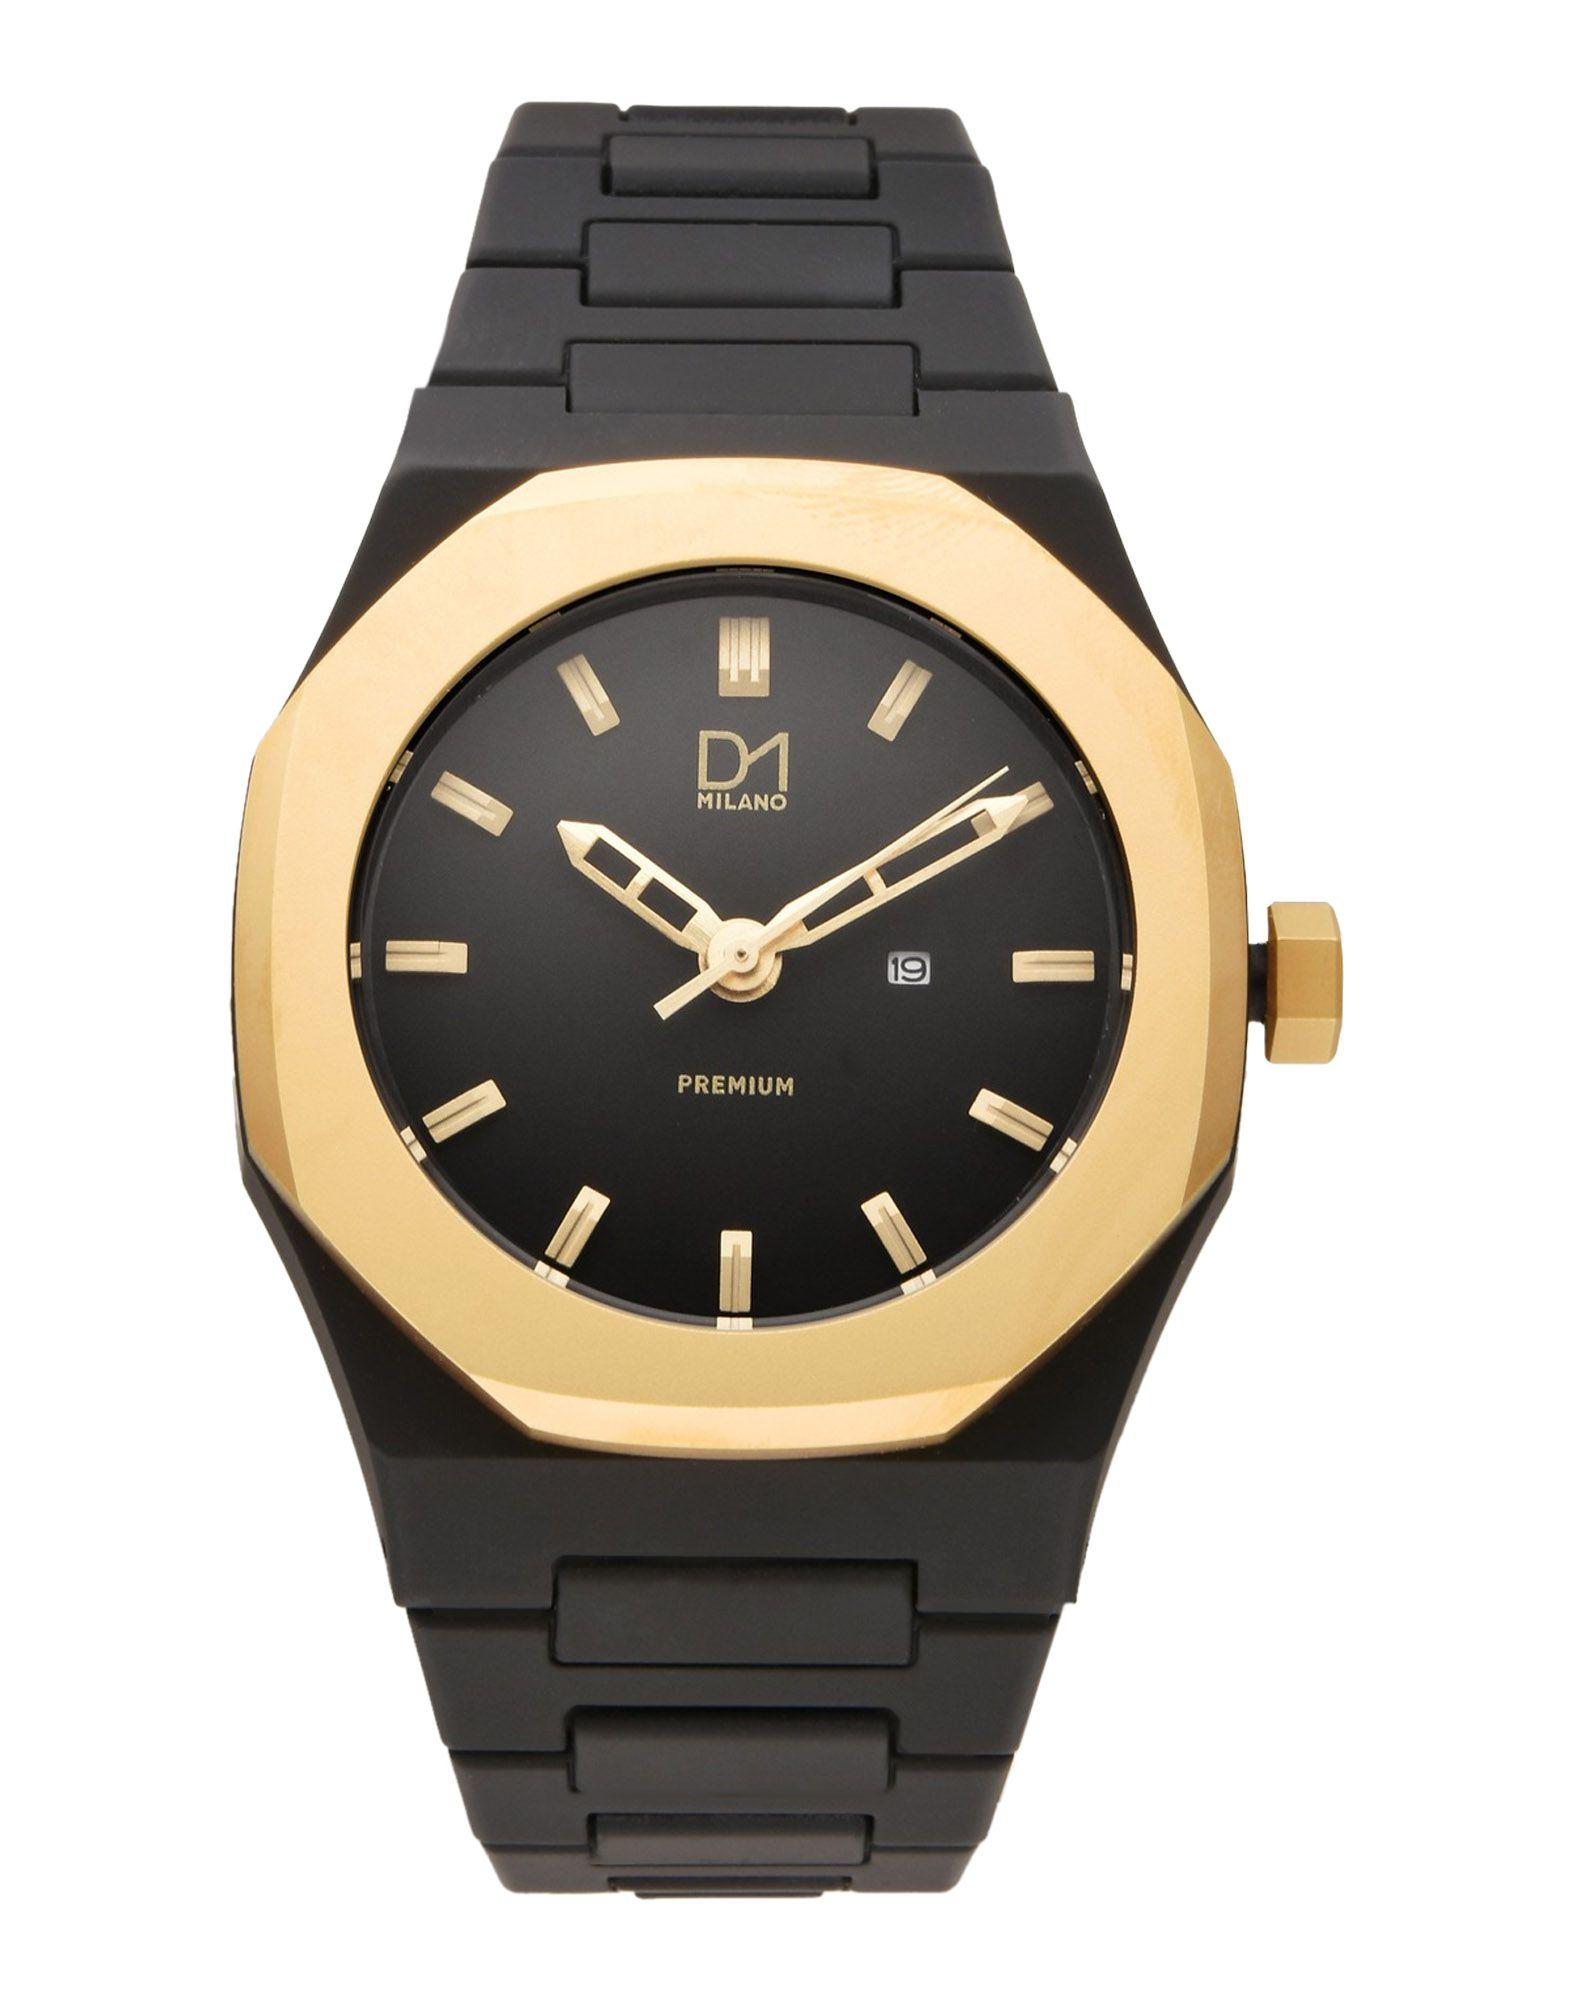 《送料無料》D1 MILANO メンズ 腕時計 ブラック 金属 / ポリカーボネート A-PR02 Premium Watch Black with Gold Bezel